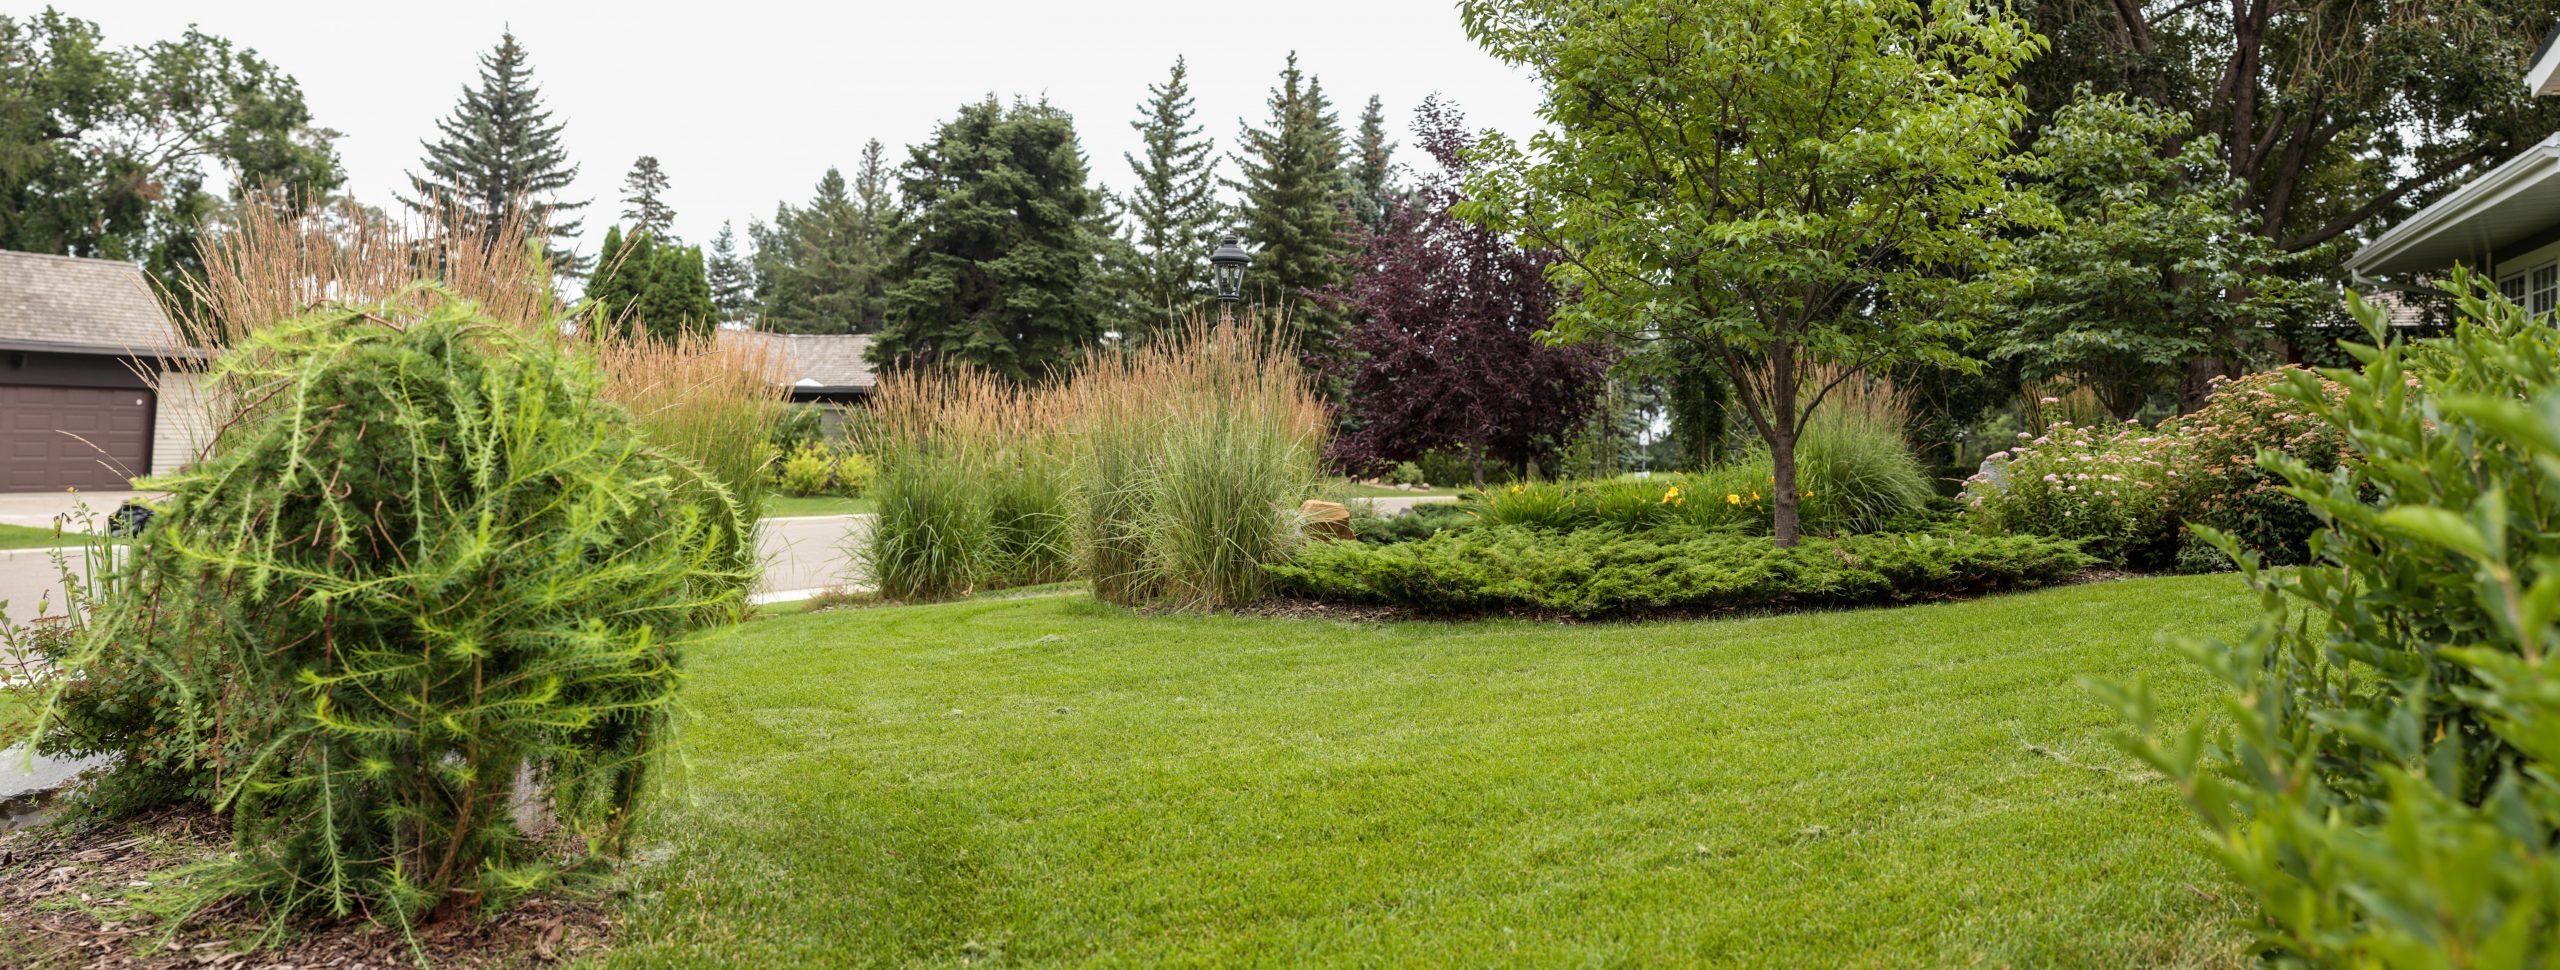 Landscape Design Ideas for Corner Lots